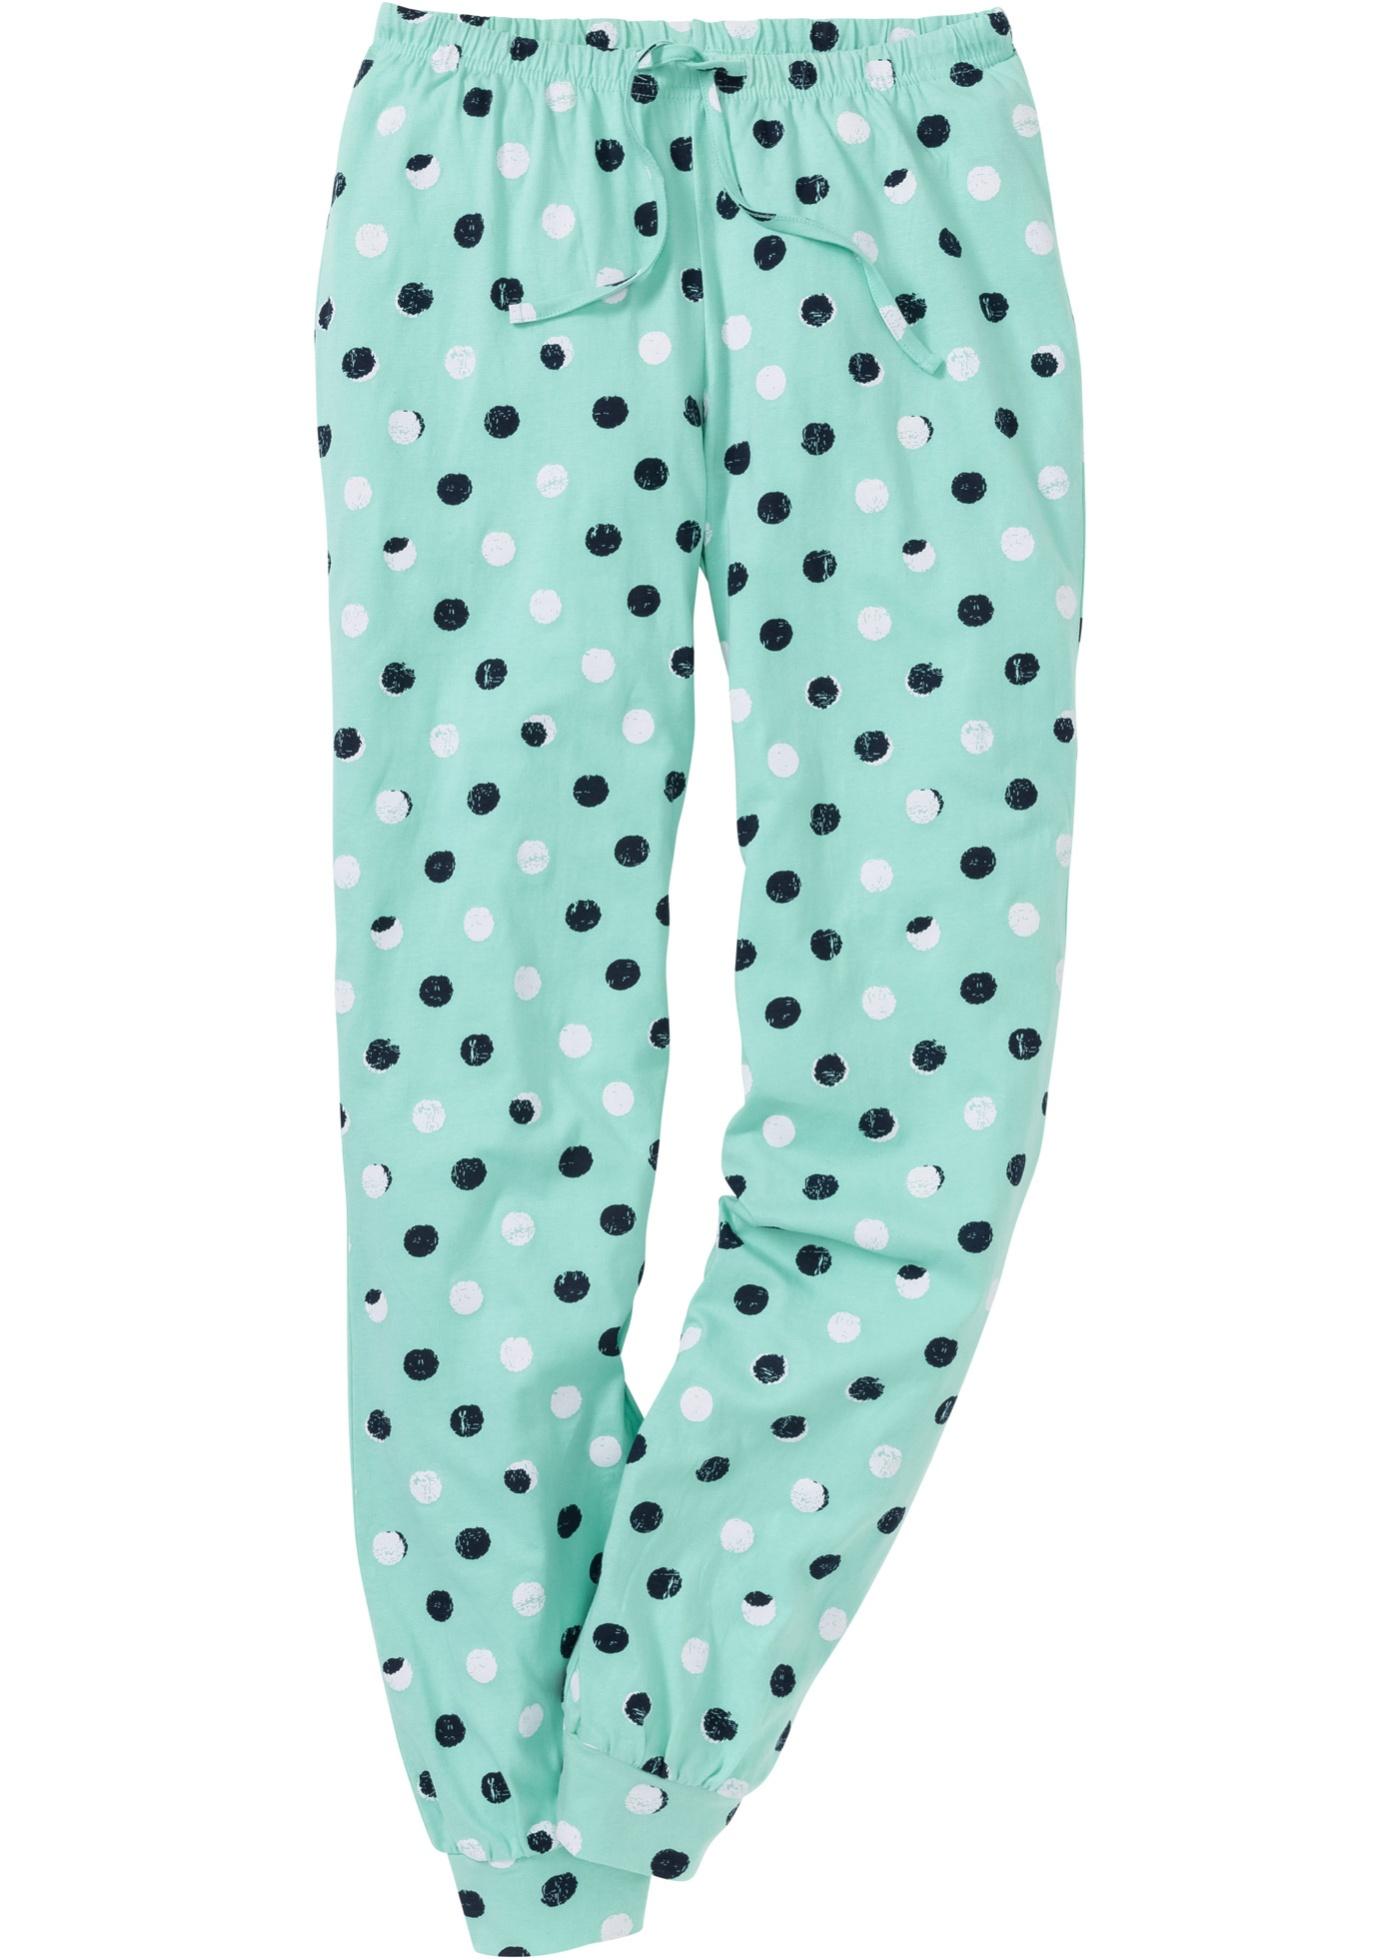 Vert CollectionPantalon Bonprix De Femme Bpc Pyjama Pour PXiOuZk